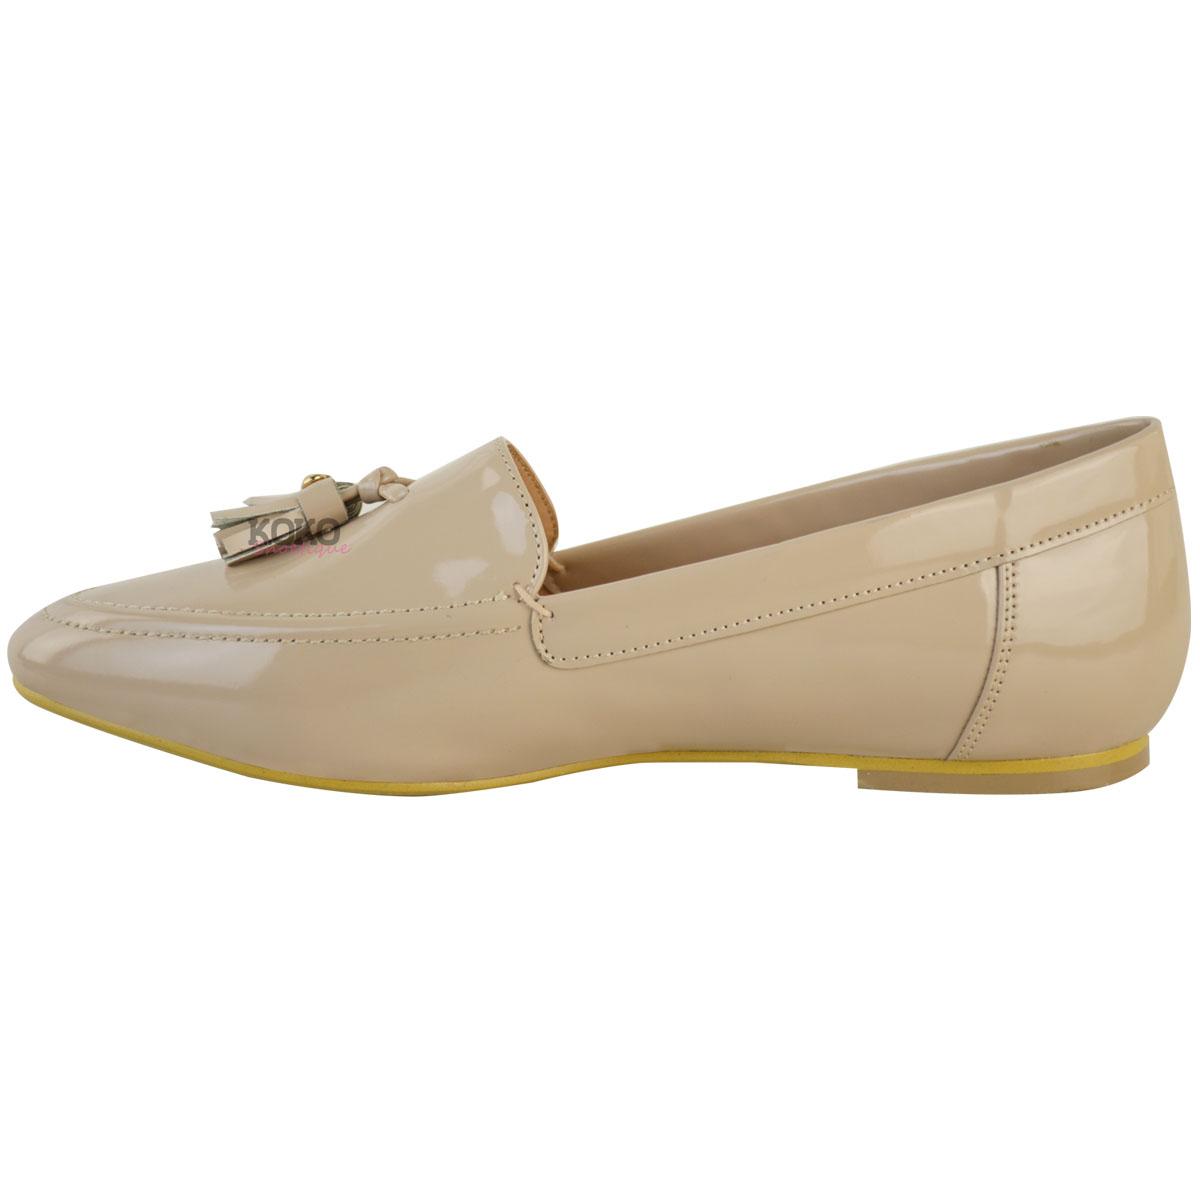 Smart Slip On Shoes For Women